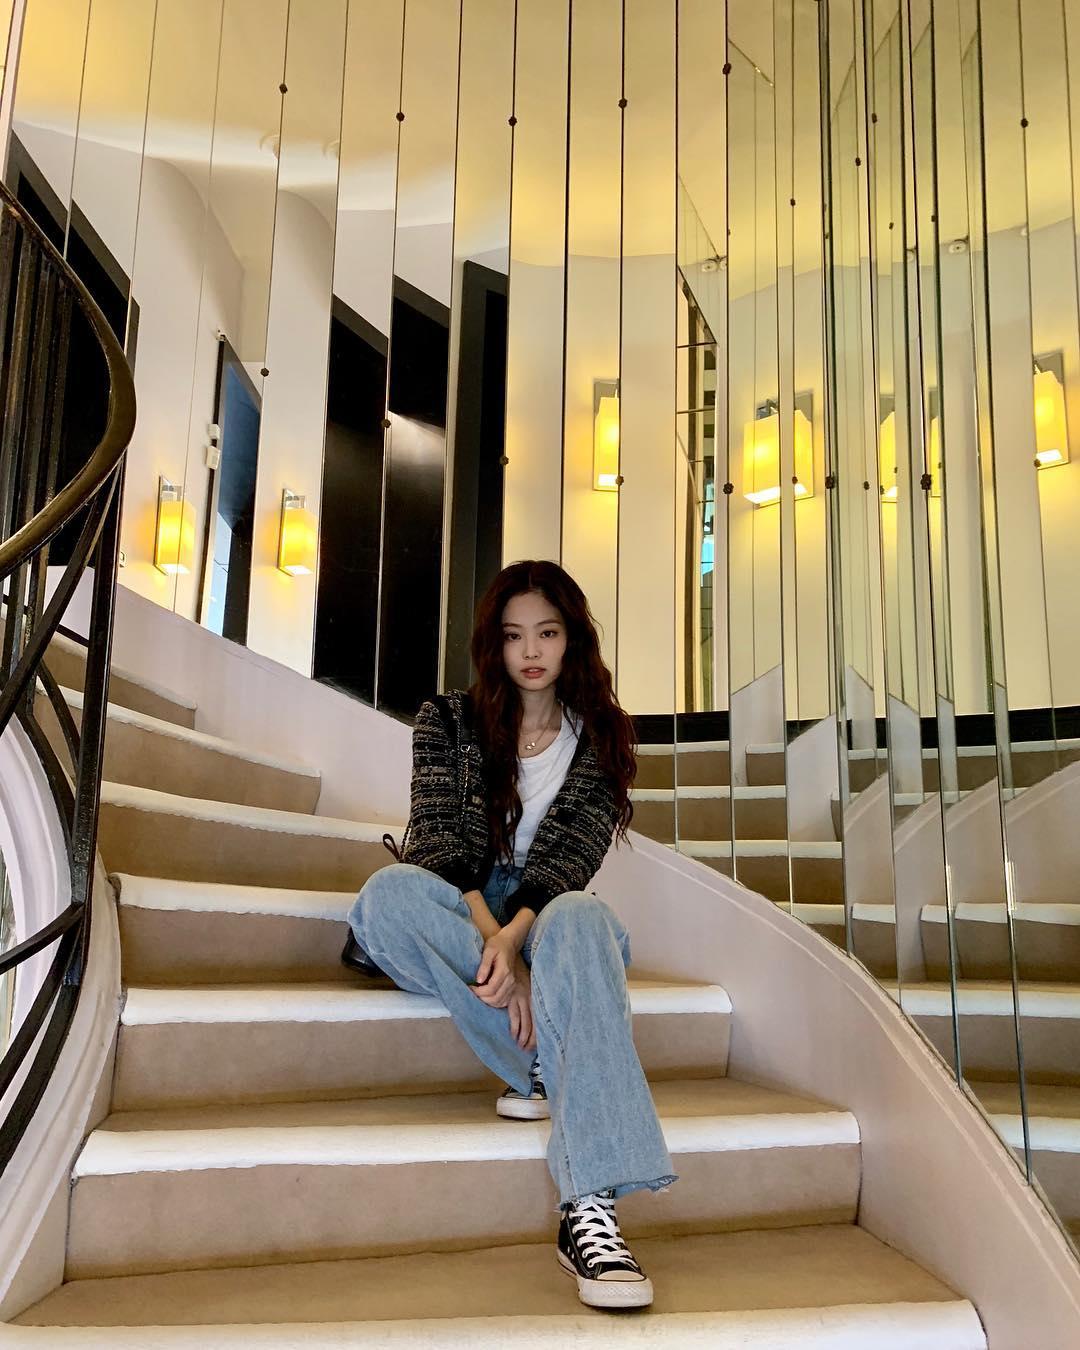 如果你喜歡率性簡約的風格~那像Jennie這樣穿就沒錯啦!寬版單寧褲配上簡單的白T和針織外套,很簡單也可以很時尚~